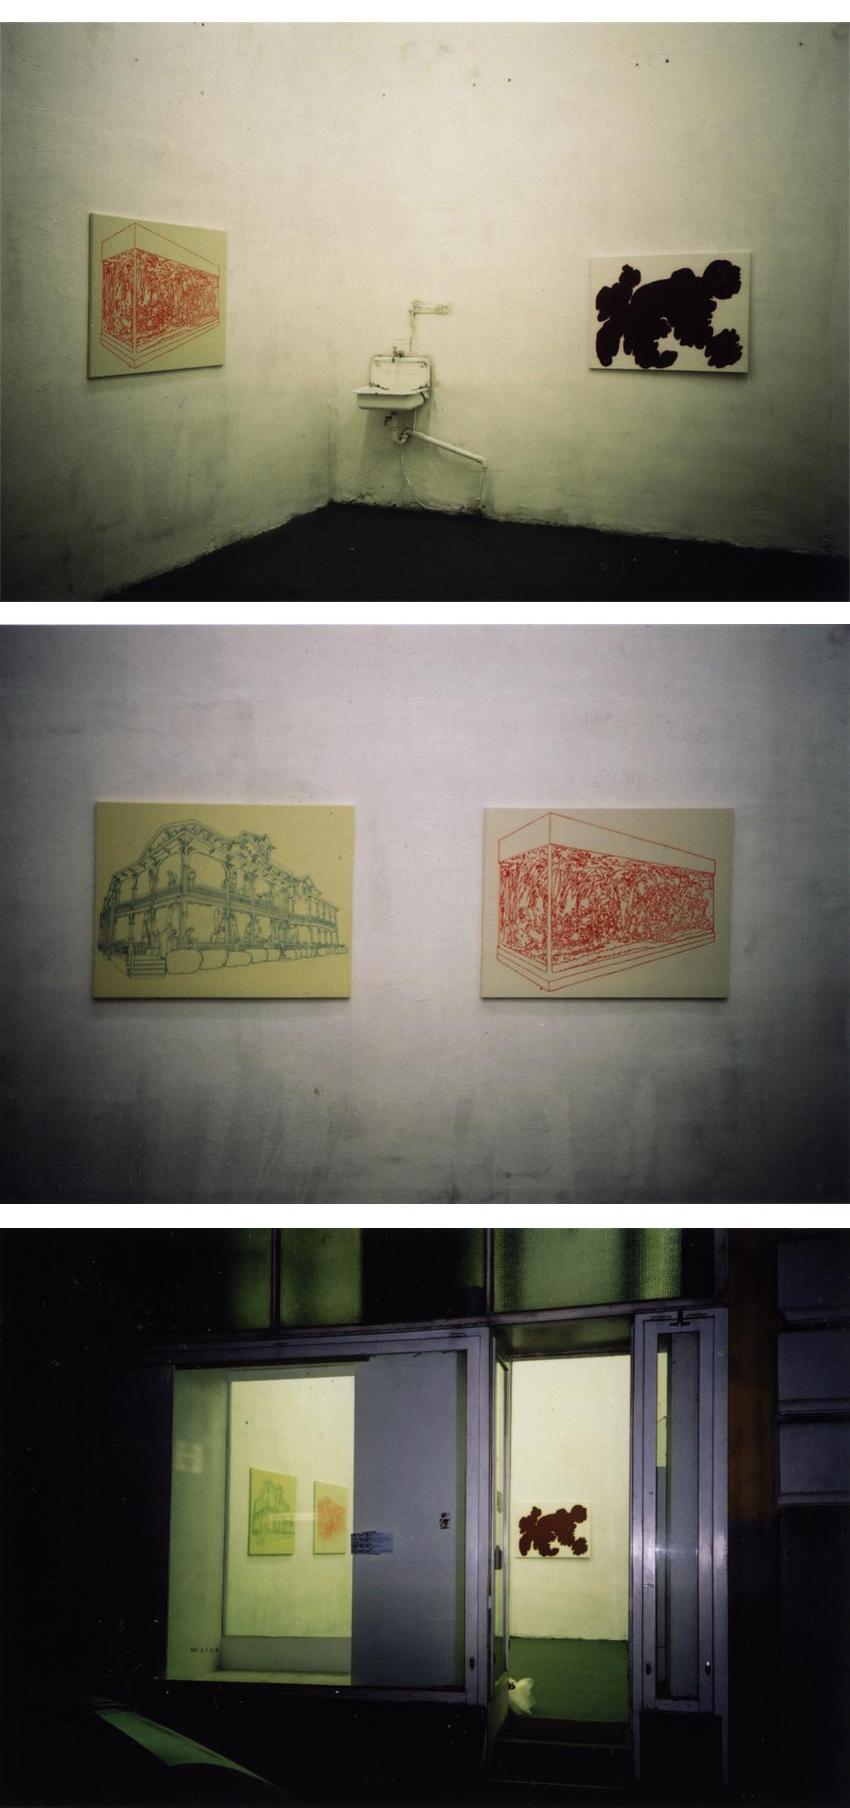 Tobias Gossow - Malerei / Ohne Titel, 2002 / 30 x 40 cm / Acryl auf Holz